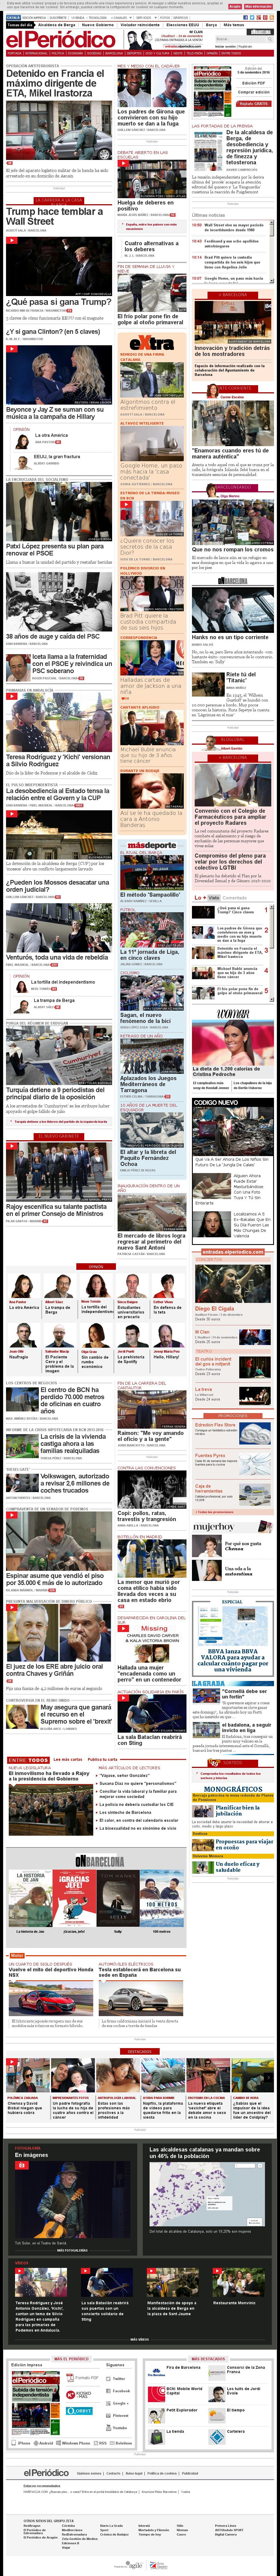 El Periodico at Saturday Nov. 5, 2016, 10:14 a.m. UTC